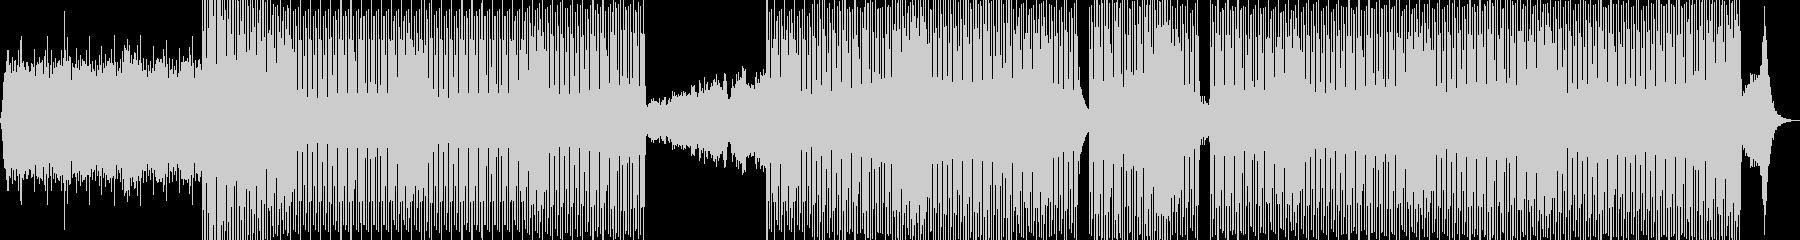 オーケストラ、エレクトロニック、ハ...の未再生の波形